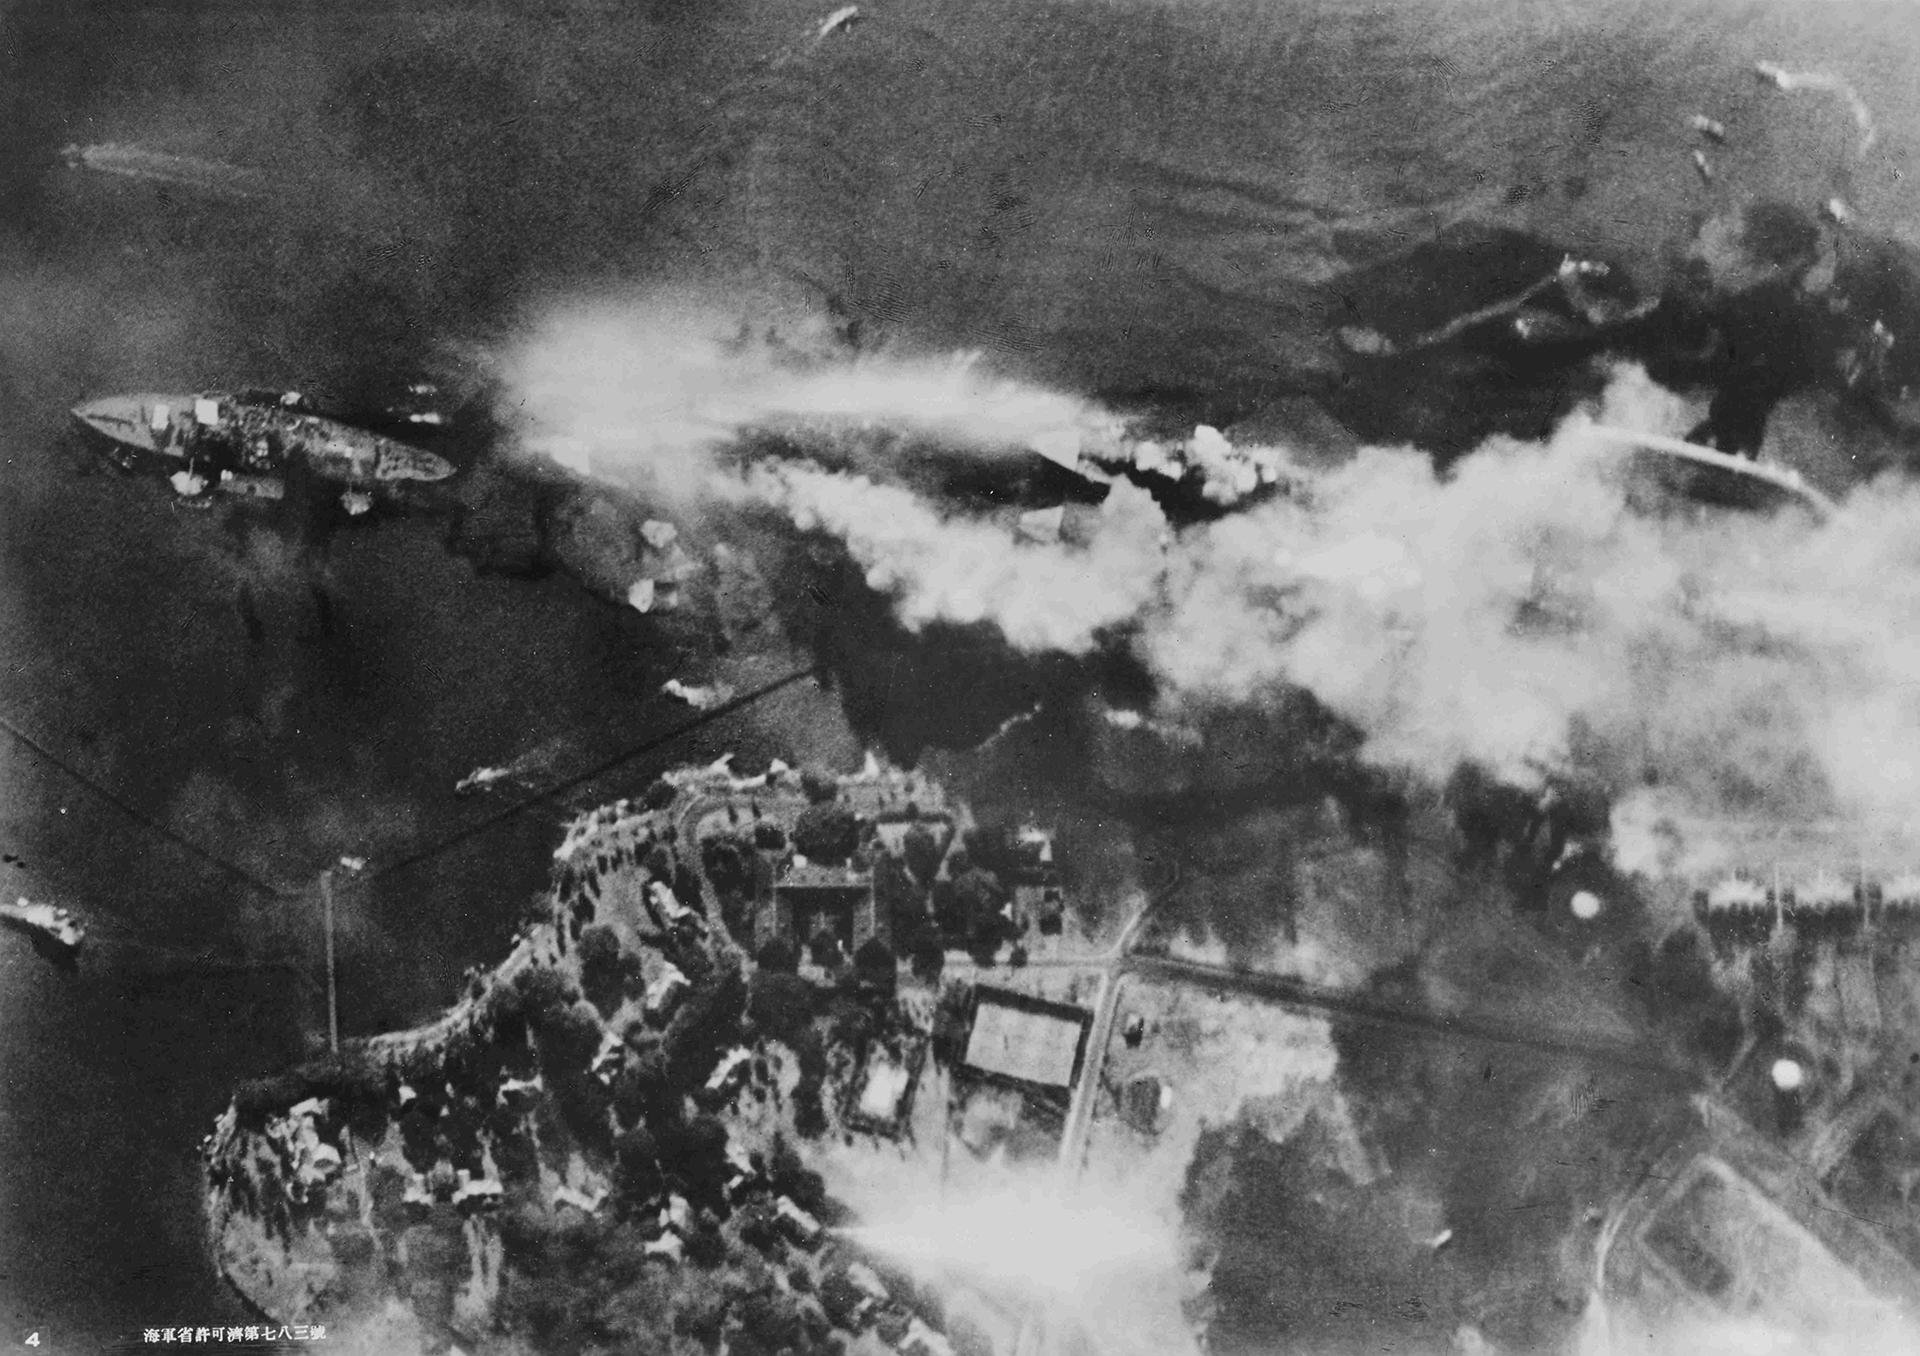 Dos oleadas seguidas causaron devastación en la línea de batalla y en las instalaciones militares de defensa de Pearl Harbor. En la foto, la destrucción del acorazado USS Arizona